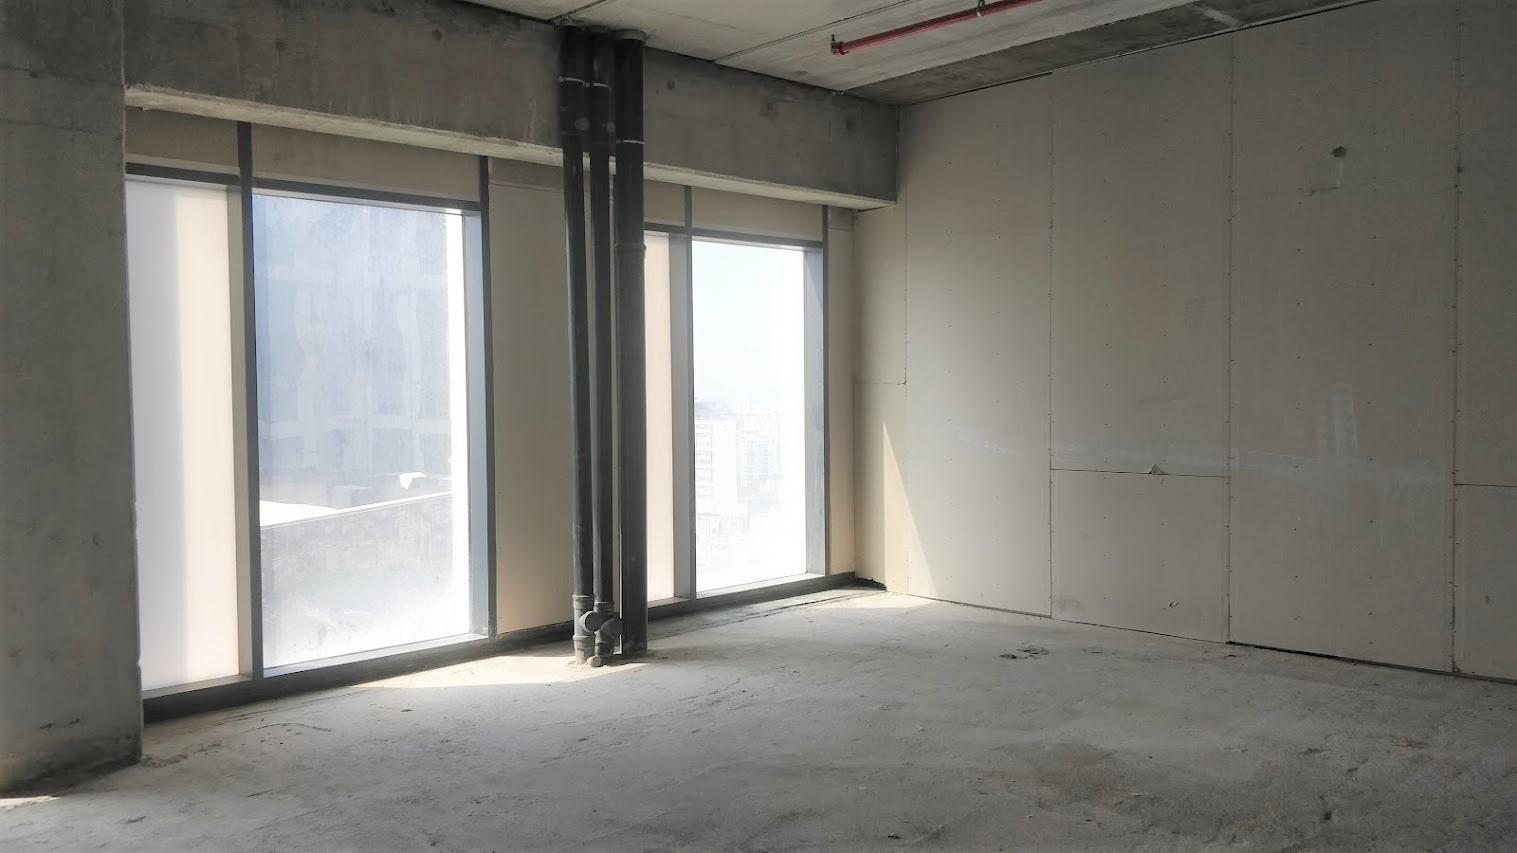 מגדלי רסיטל | משרדים להשכרה